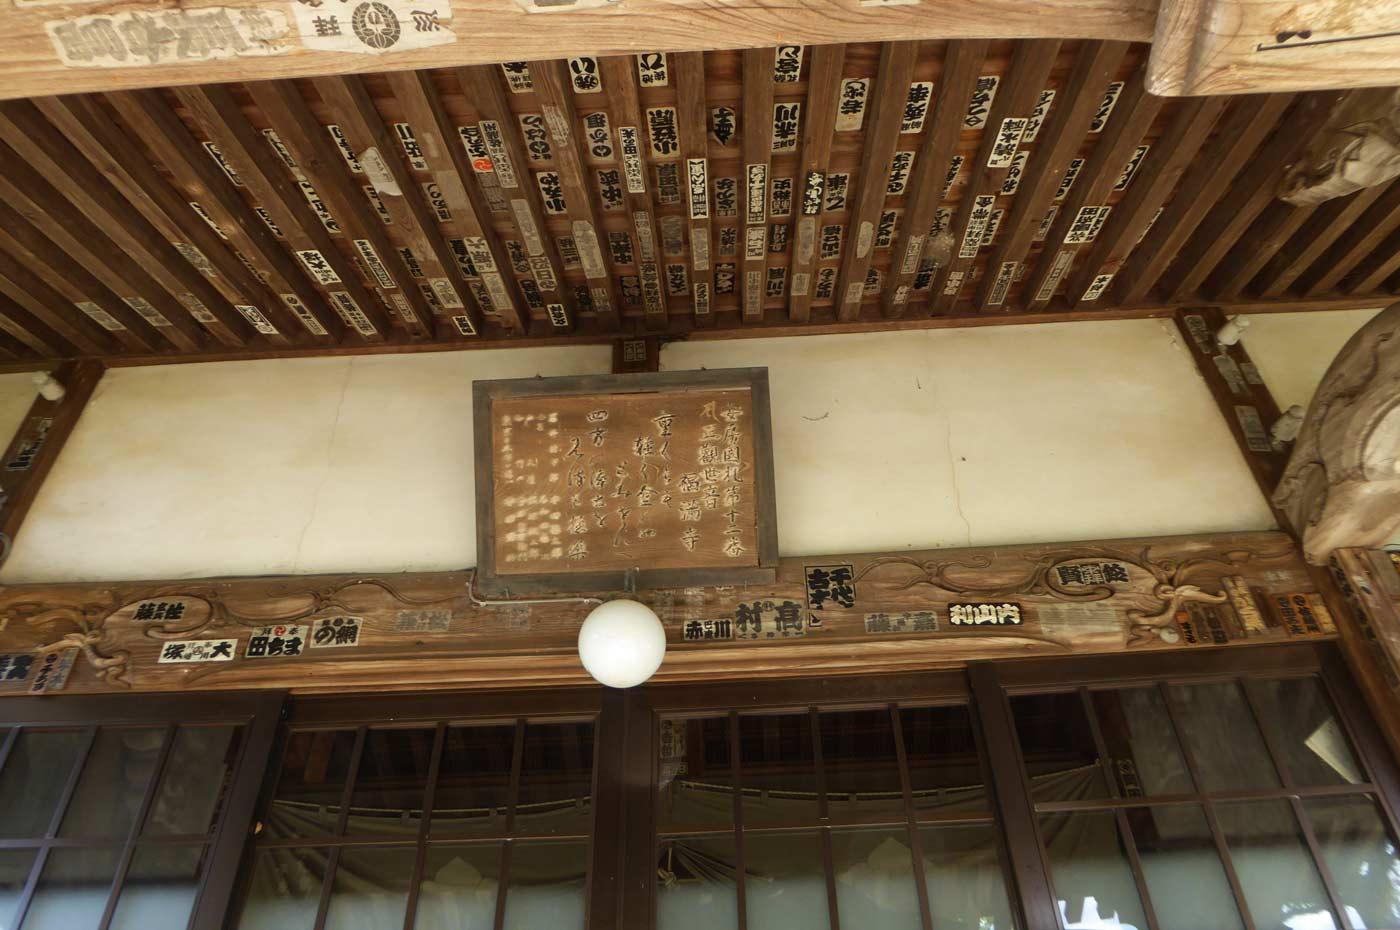 福満寺本堂の御詠歌の画像